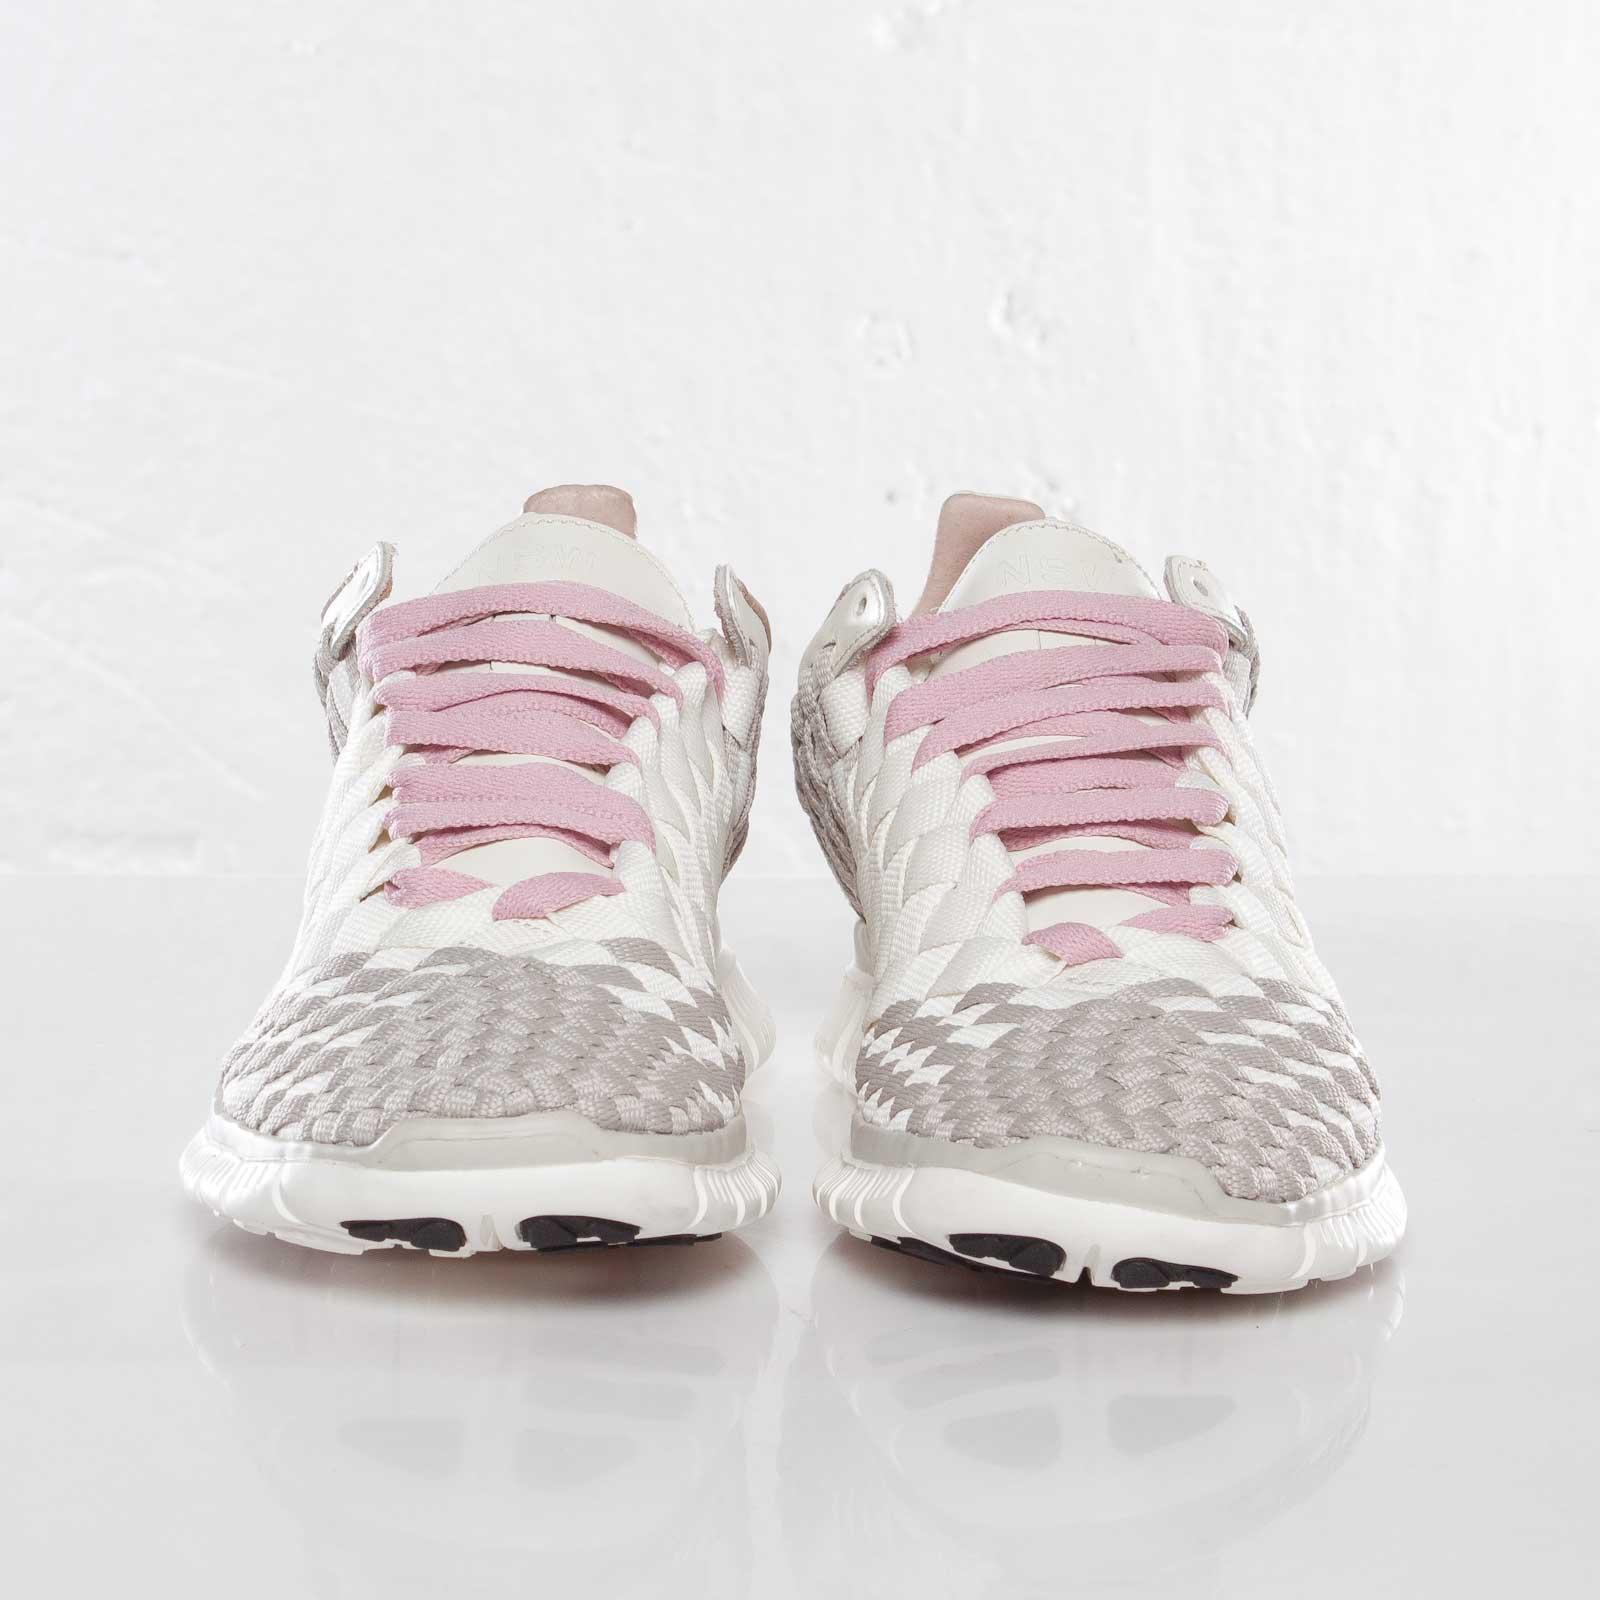 watch 90205 bbc79 Nike Wmns Nike Free Inneva Woven SP - 598153-107 - Sneakersnstuff    sneakers   streetwear online since 1999